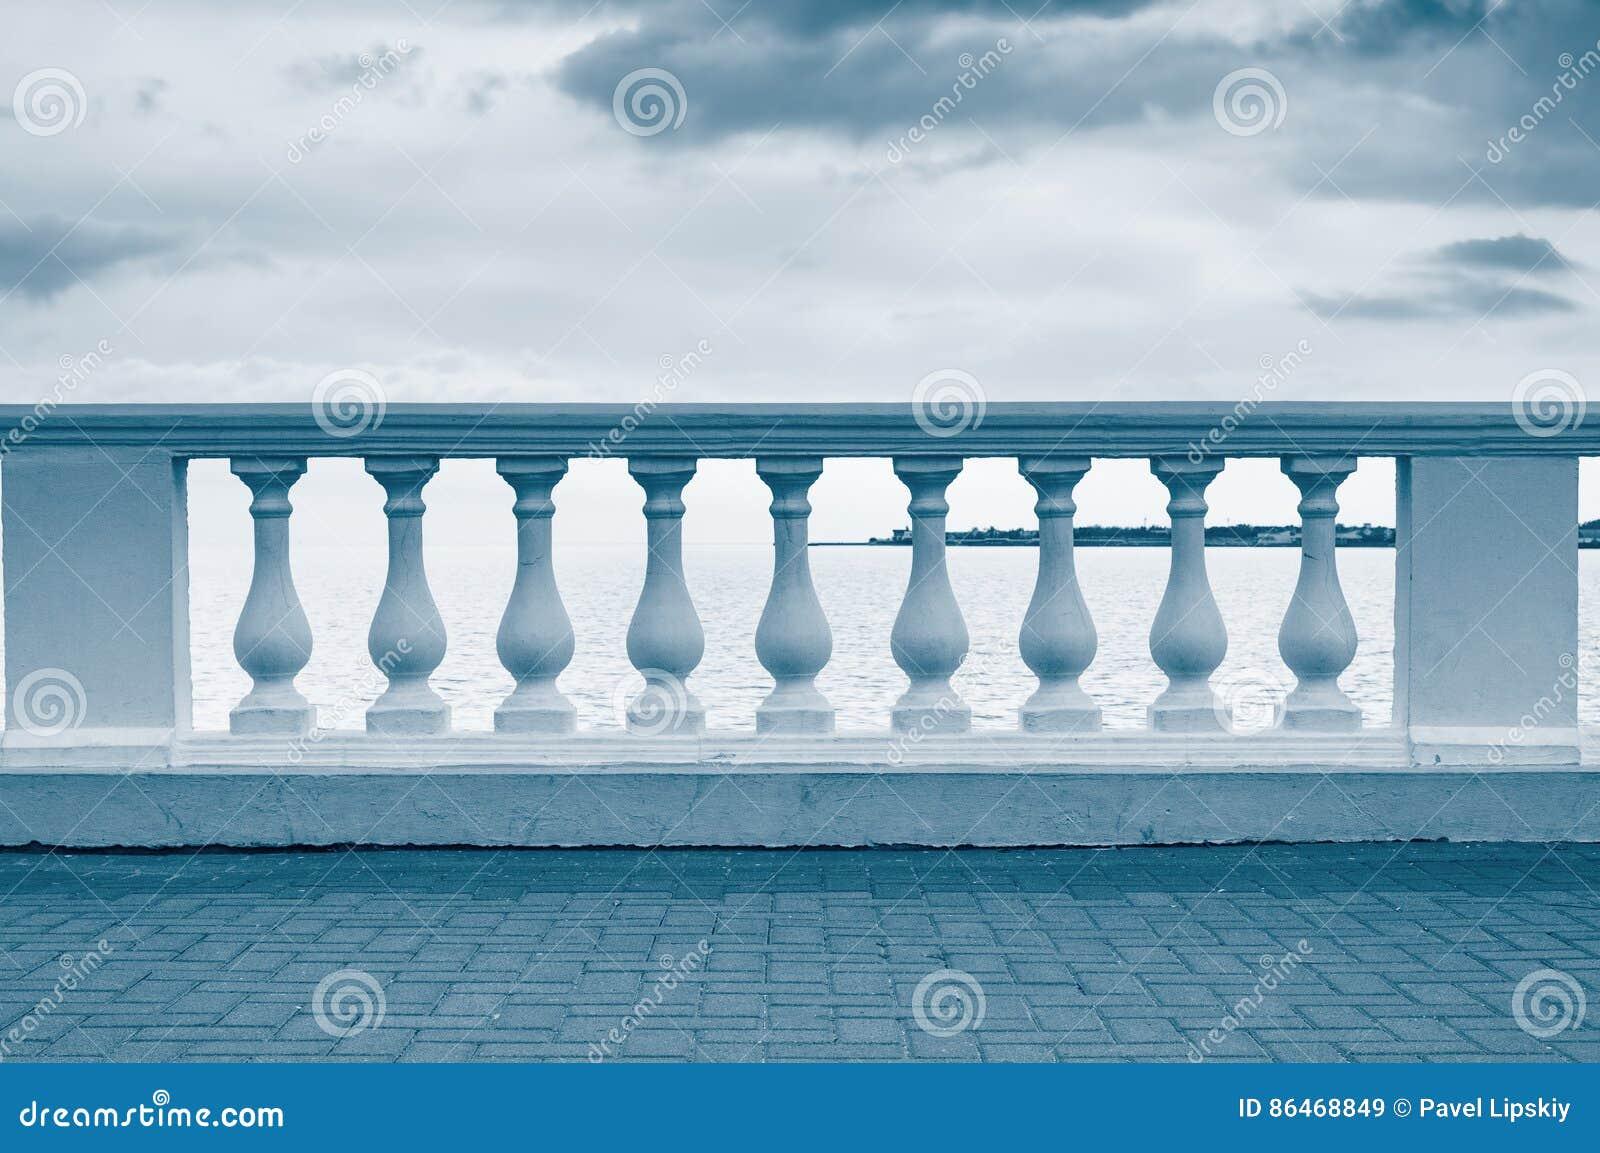 balustrade sur le bord de mer image stock - image du océan